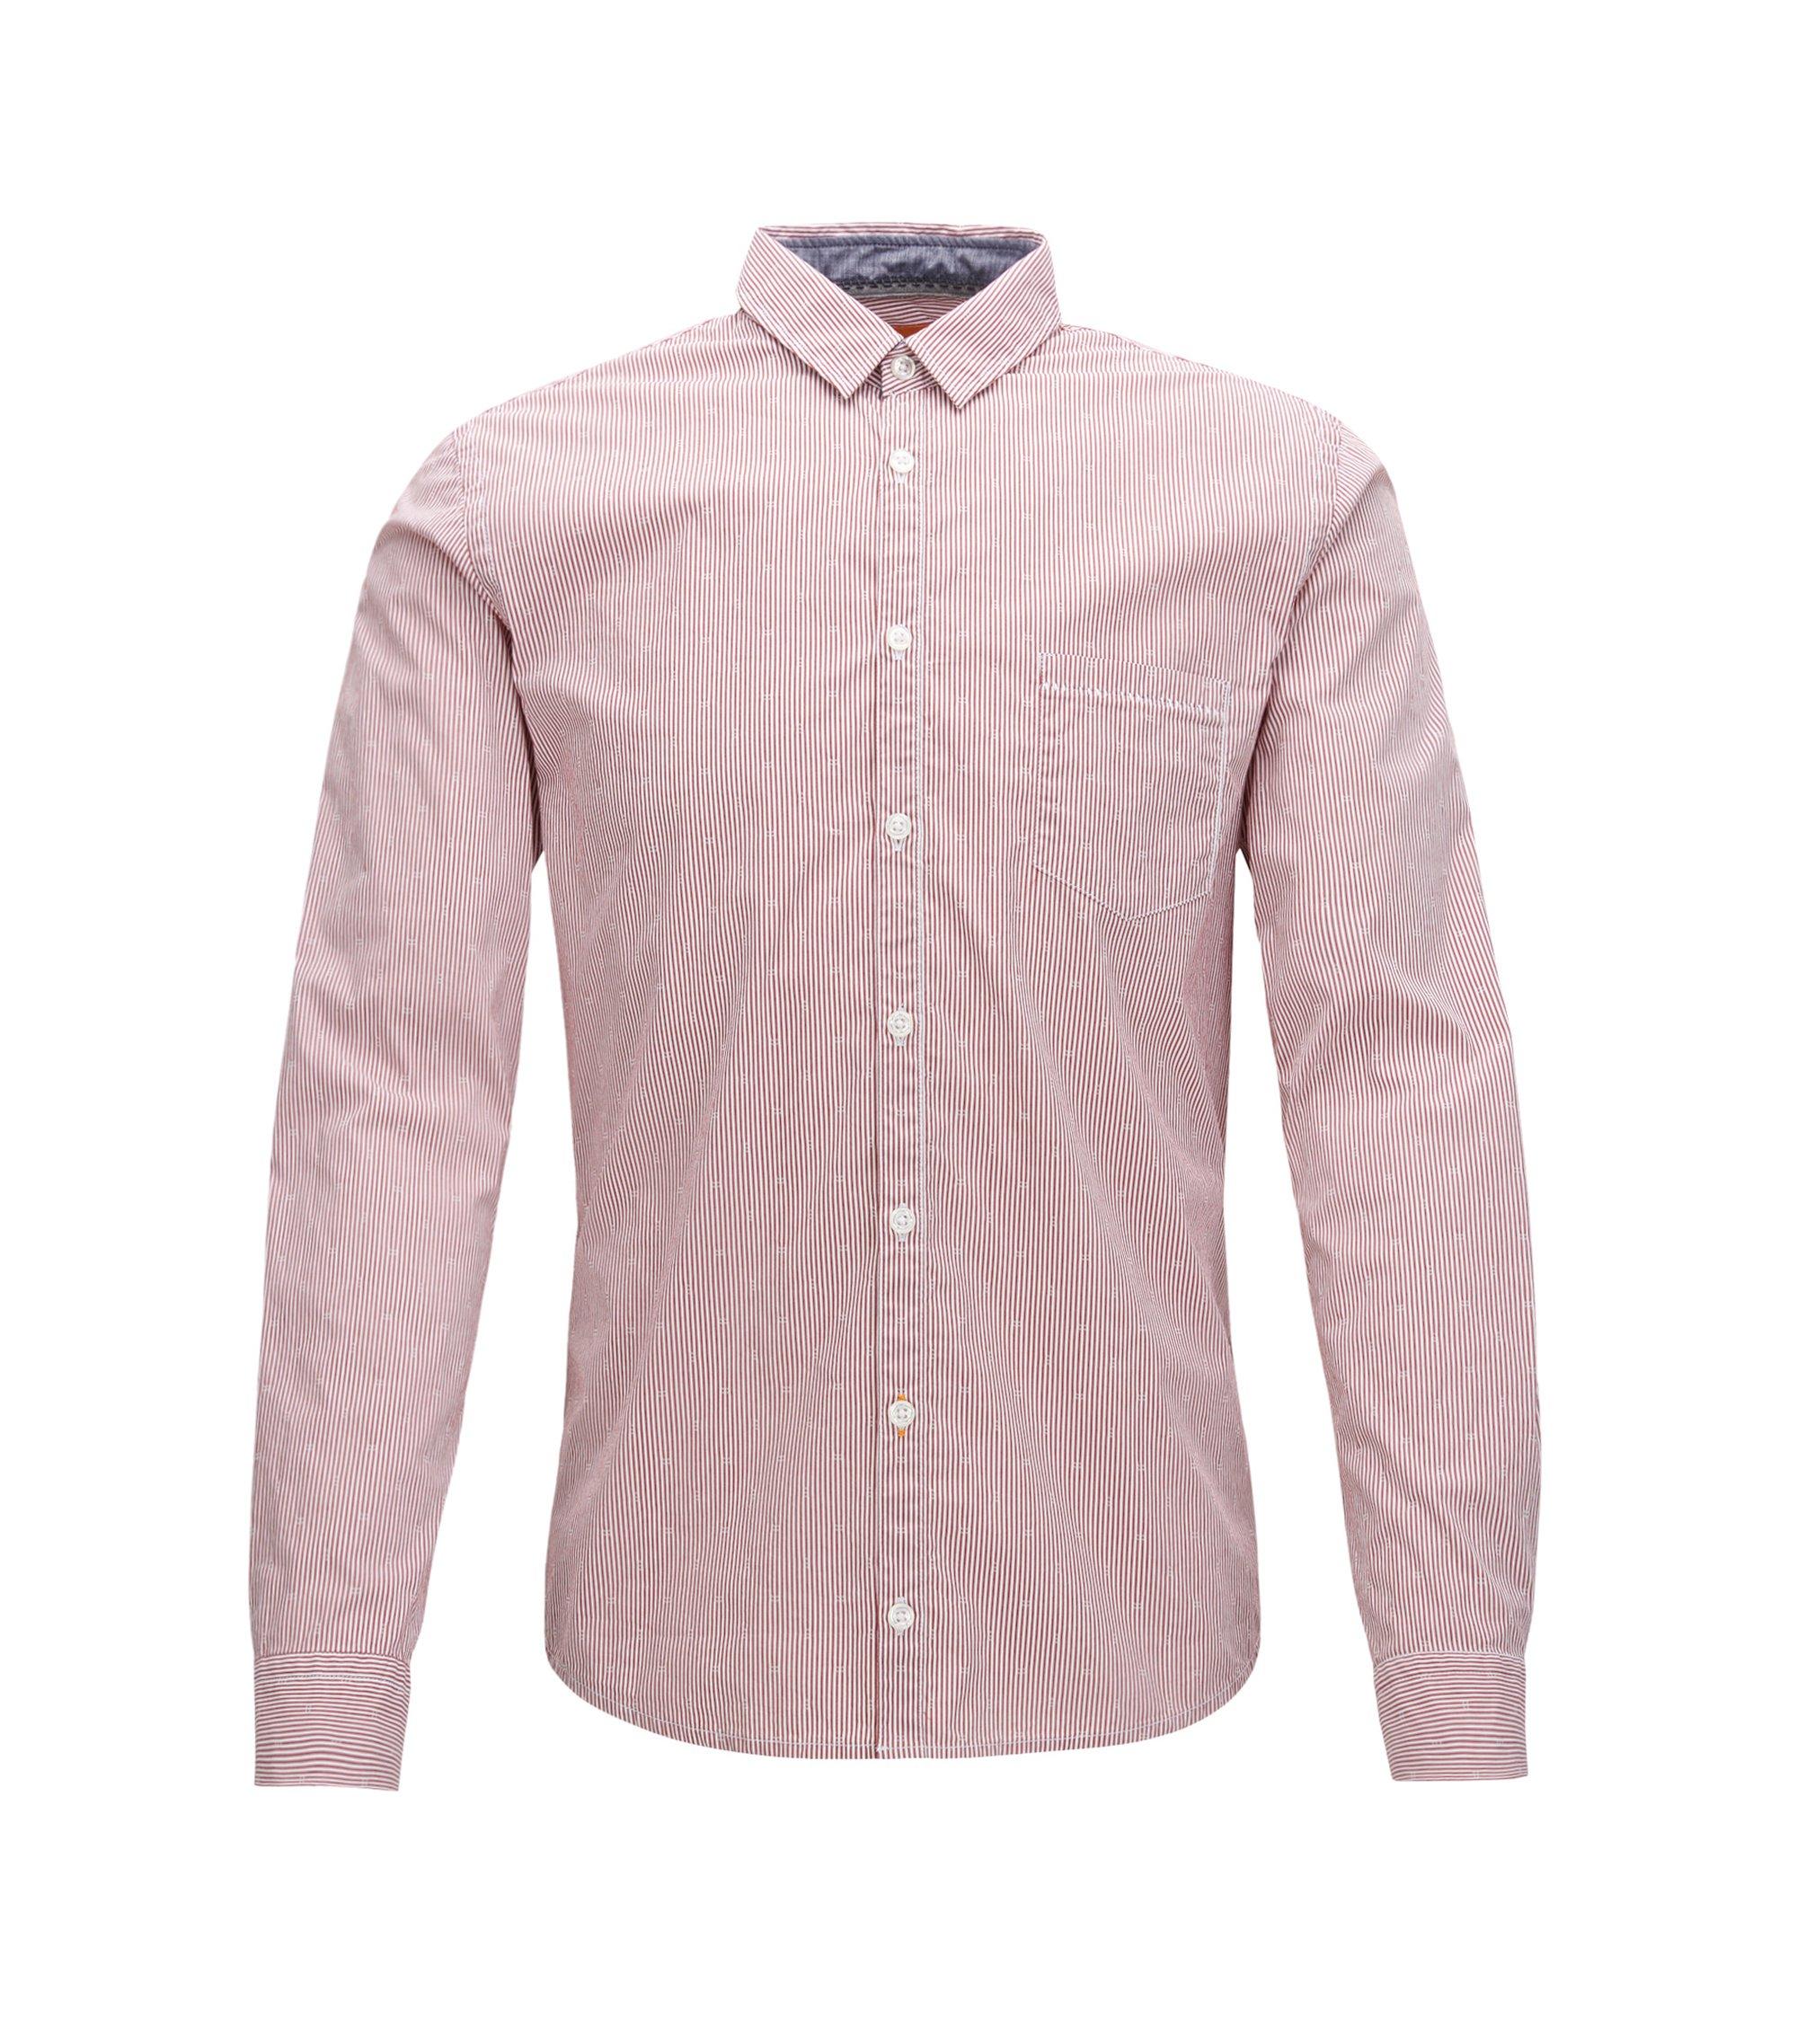 Extra Slim-Fit Hemd aus elastischem Baumwoll-Mix mit Streifen, Hellrot